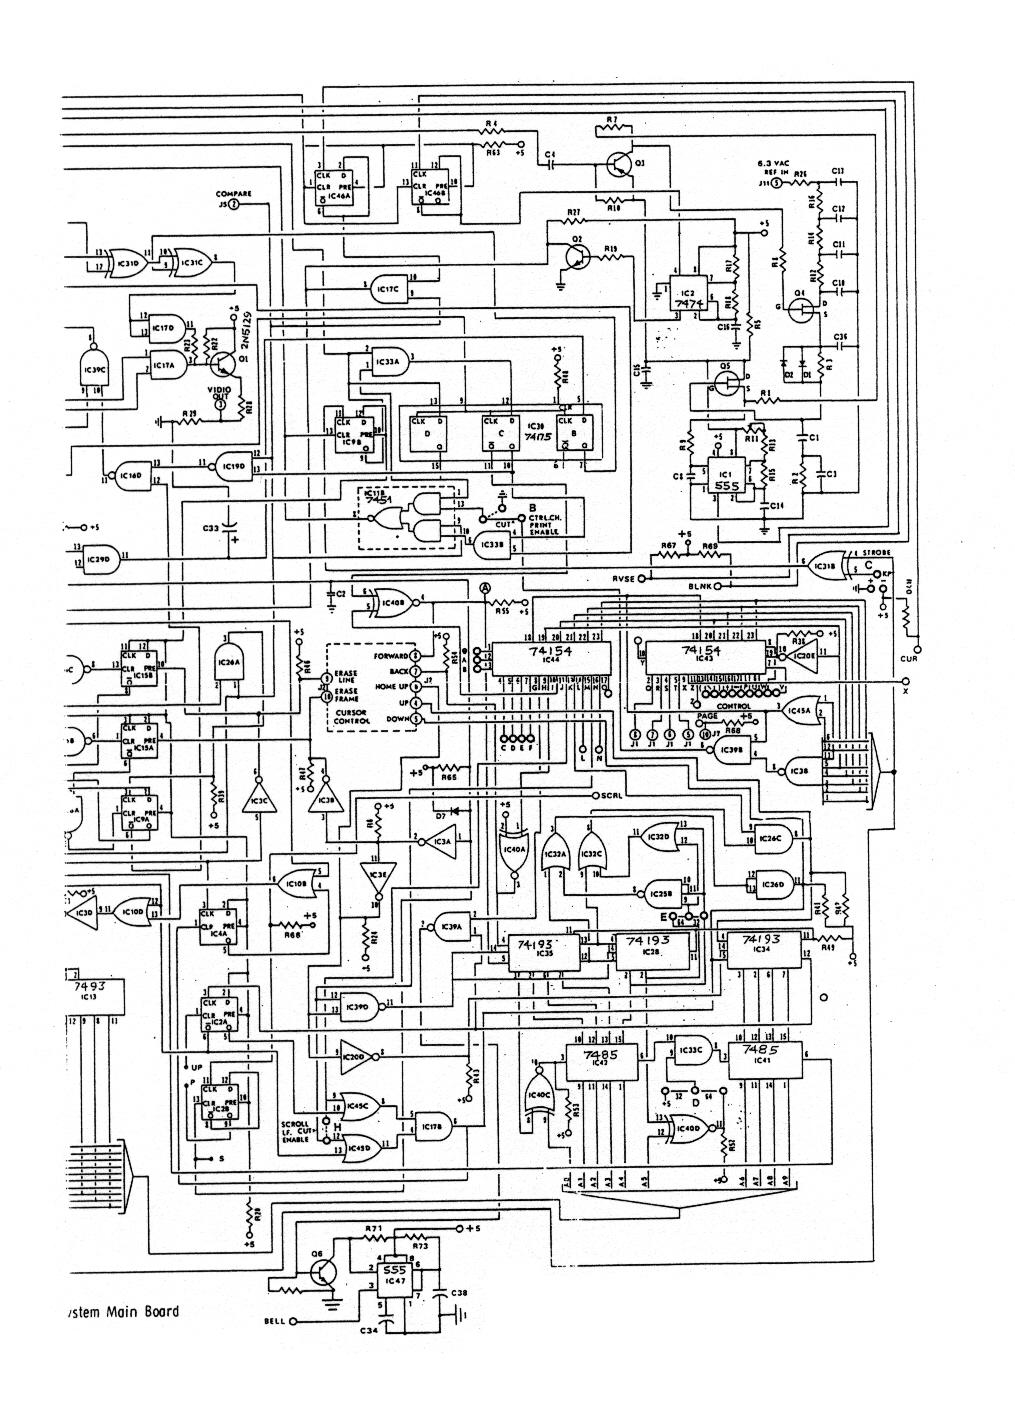 [DIAGRAM_1JK]  Navistar International Wiring Diagrams Vt365 | International Navistar Wiring Diagrams |  | empaginas.com